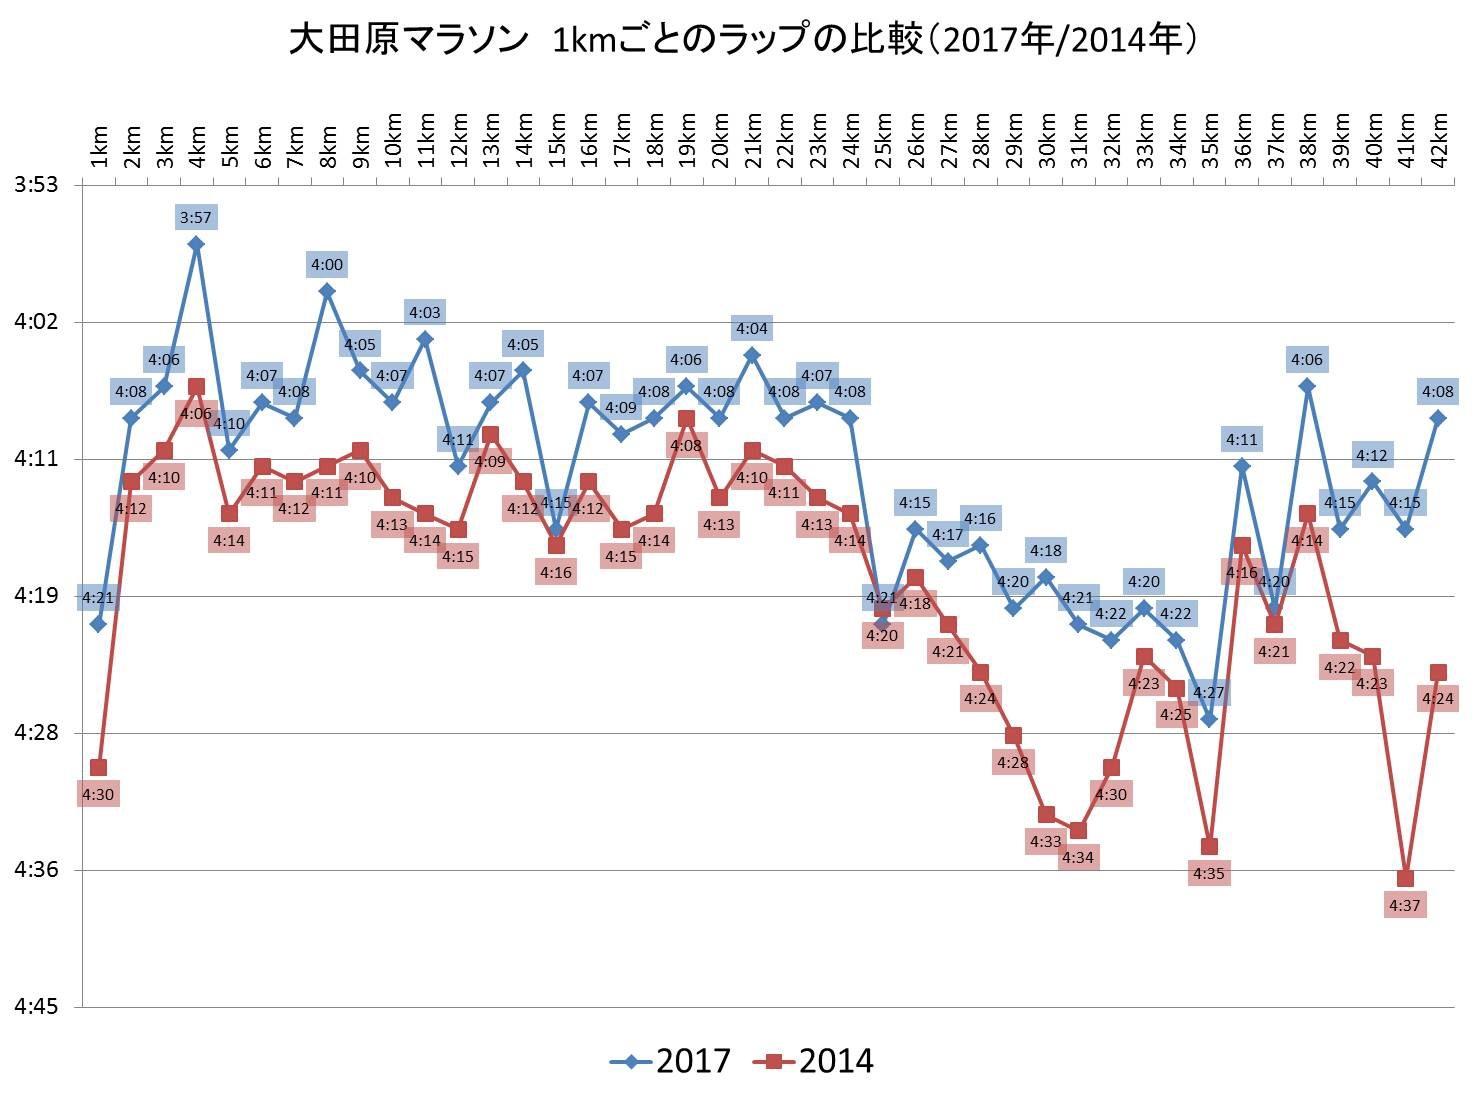 大田原ラップ比較グラフ